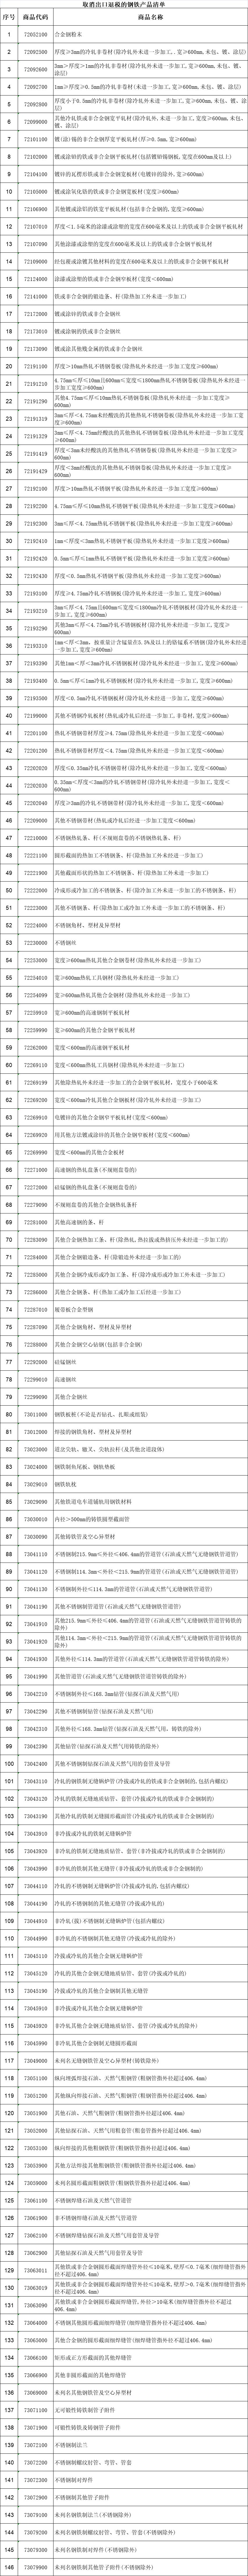 财政部、税务总局:5月1日起取消部分钢铁产品出口退税